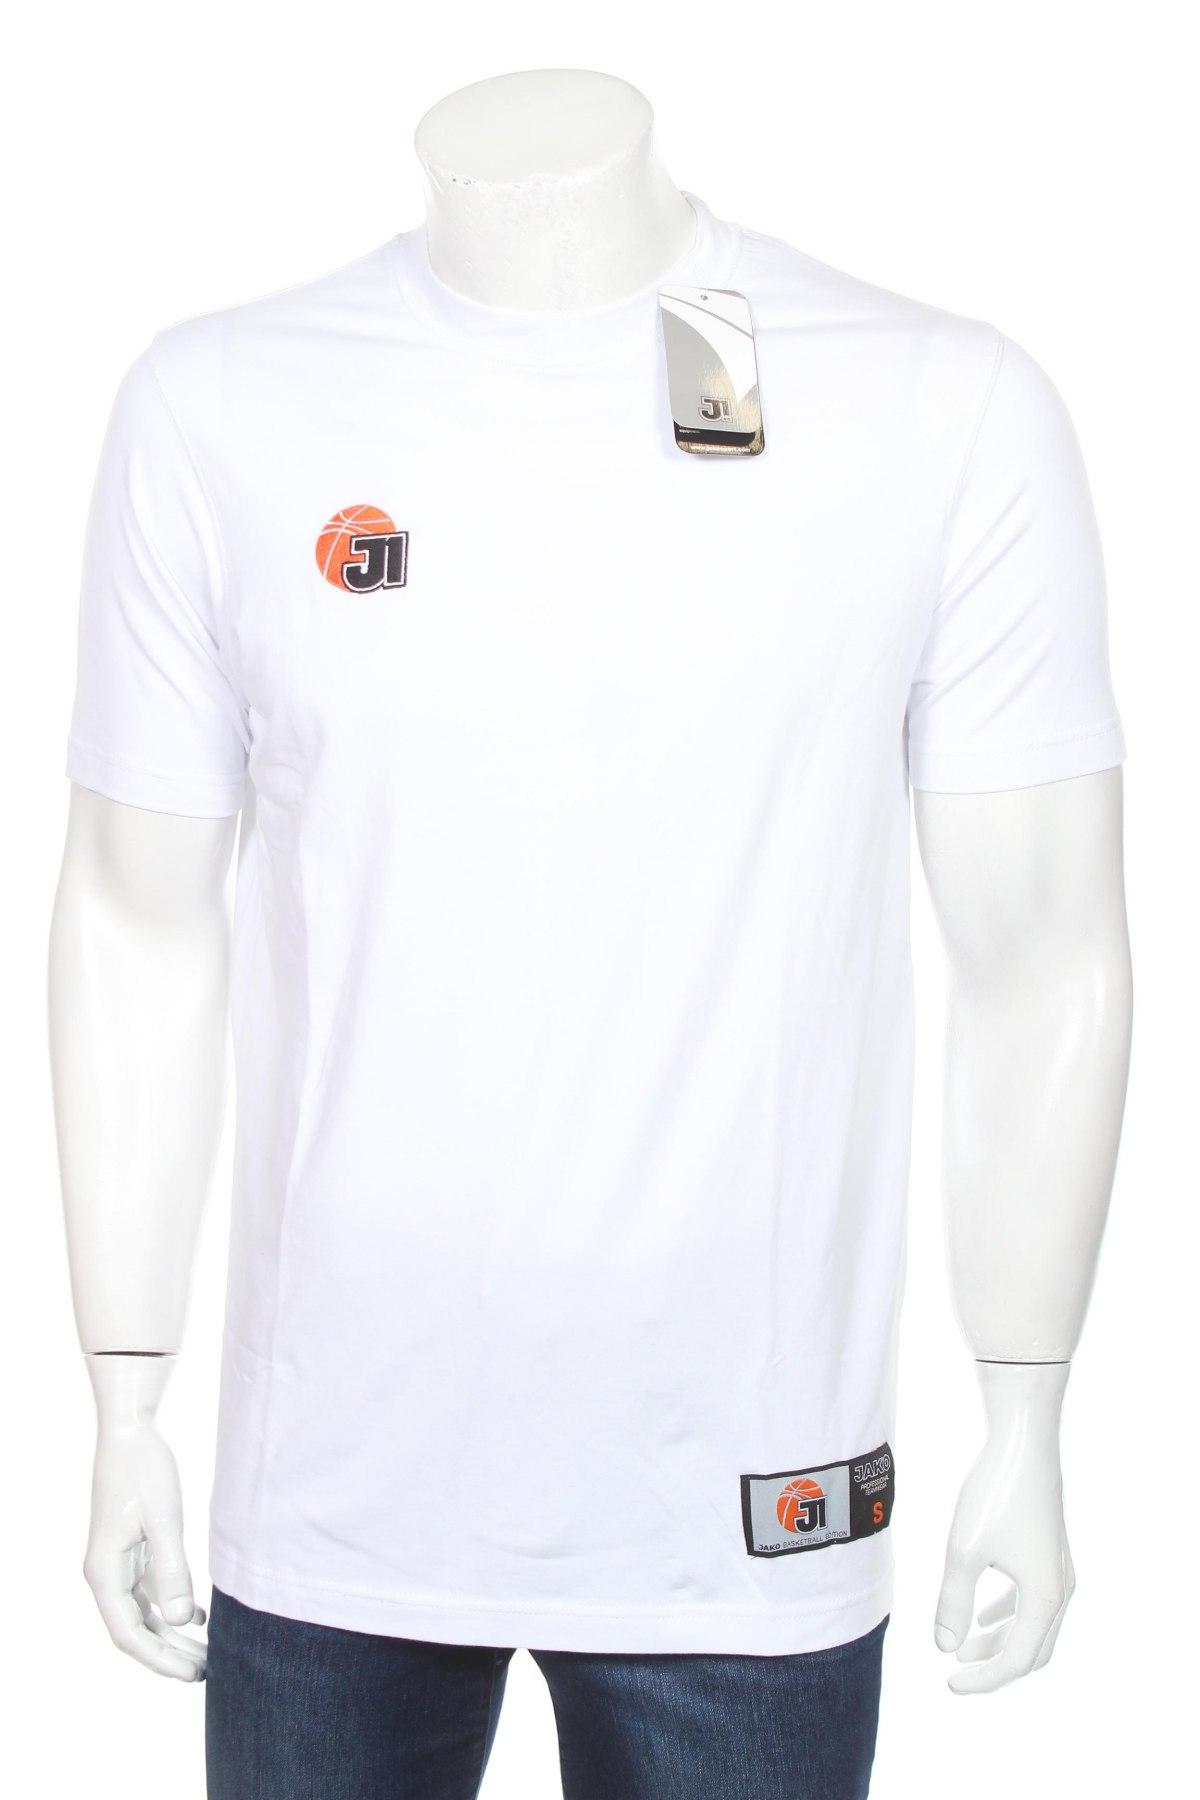 Мъжка тениска Jako, Размер S, Цвят Бял, 95% памук, 5% еластан, Цена 13,65лв.